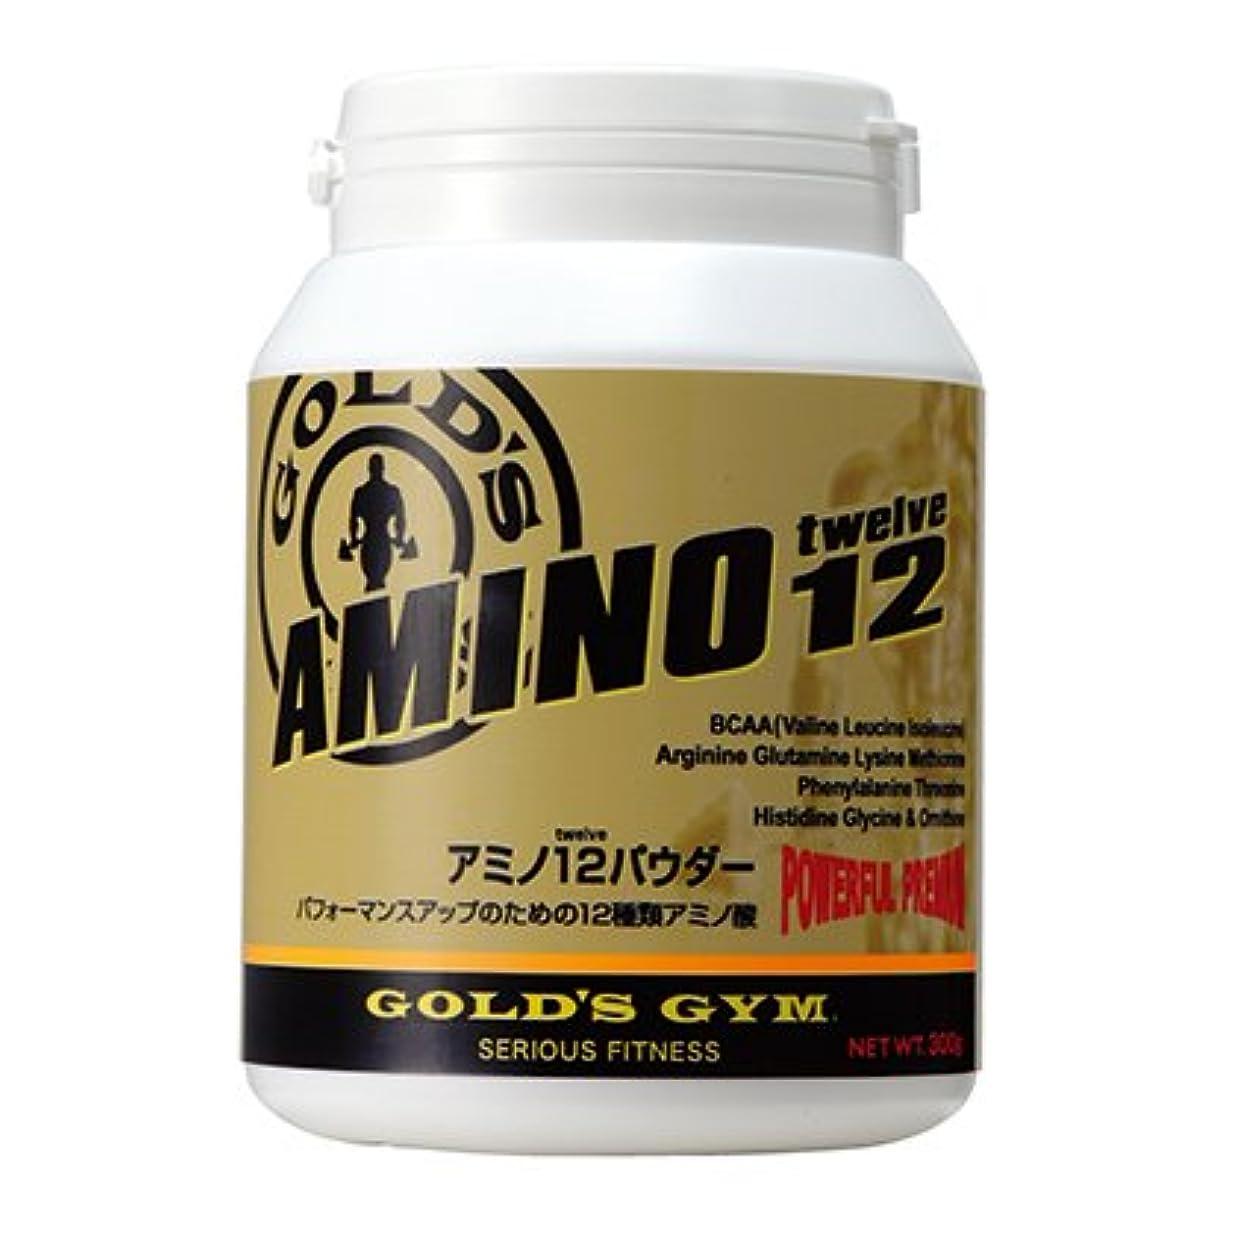 ミネラル規制する運動する【GOLD`S GYM (ゴールドジム)】 アミノ12パウダー 300g